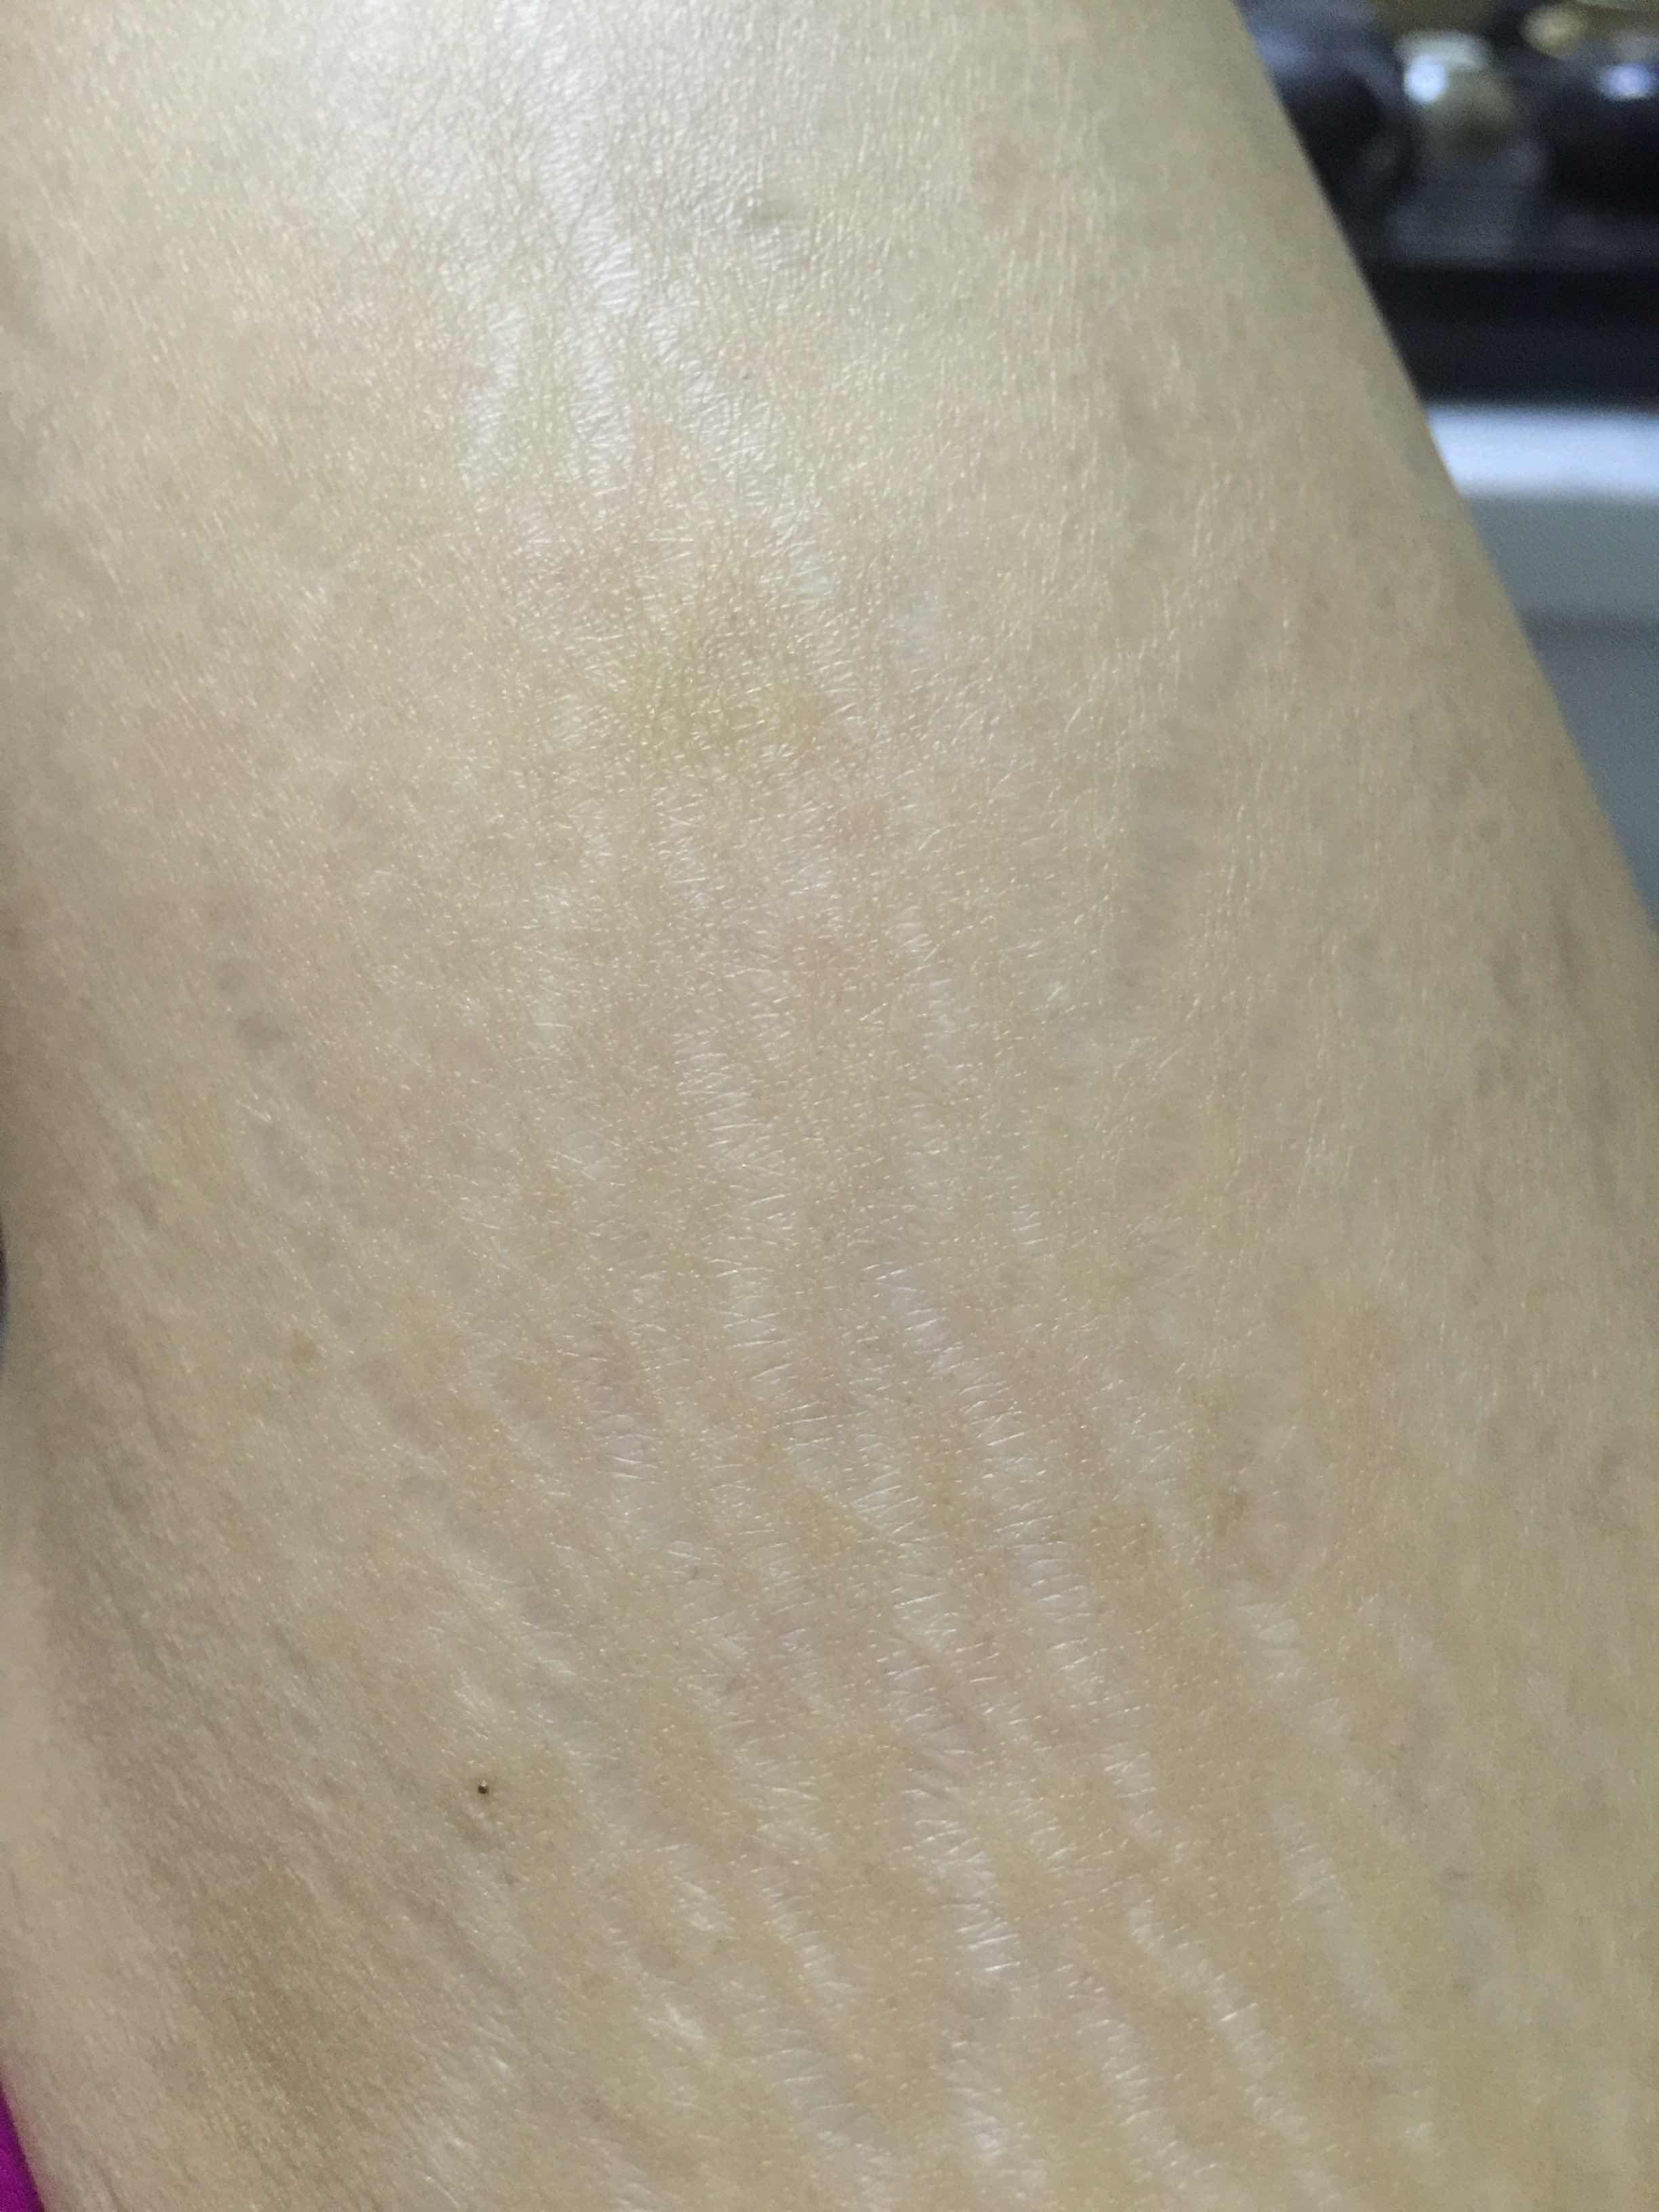 激光治疗妊娠纹有什么风险吗,不良反应什么的有没有?妊娠纹可以修复吗?